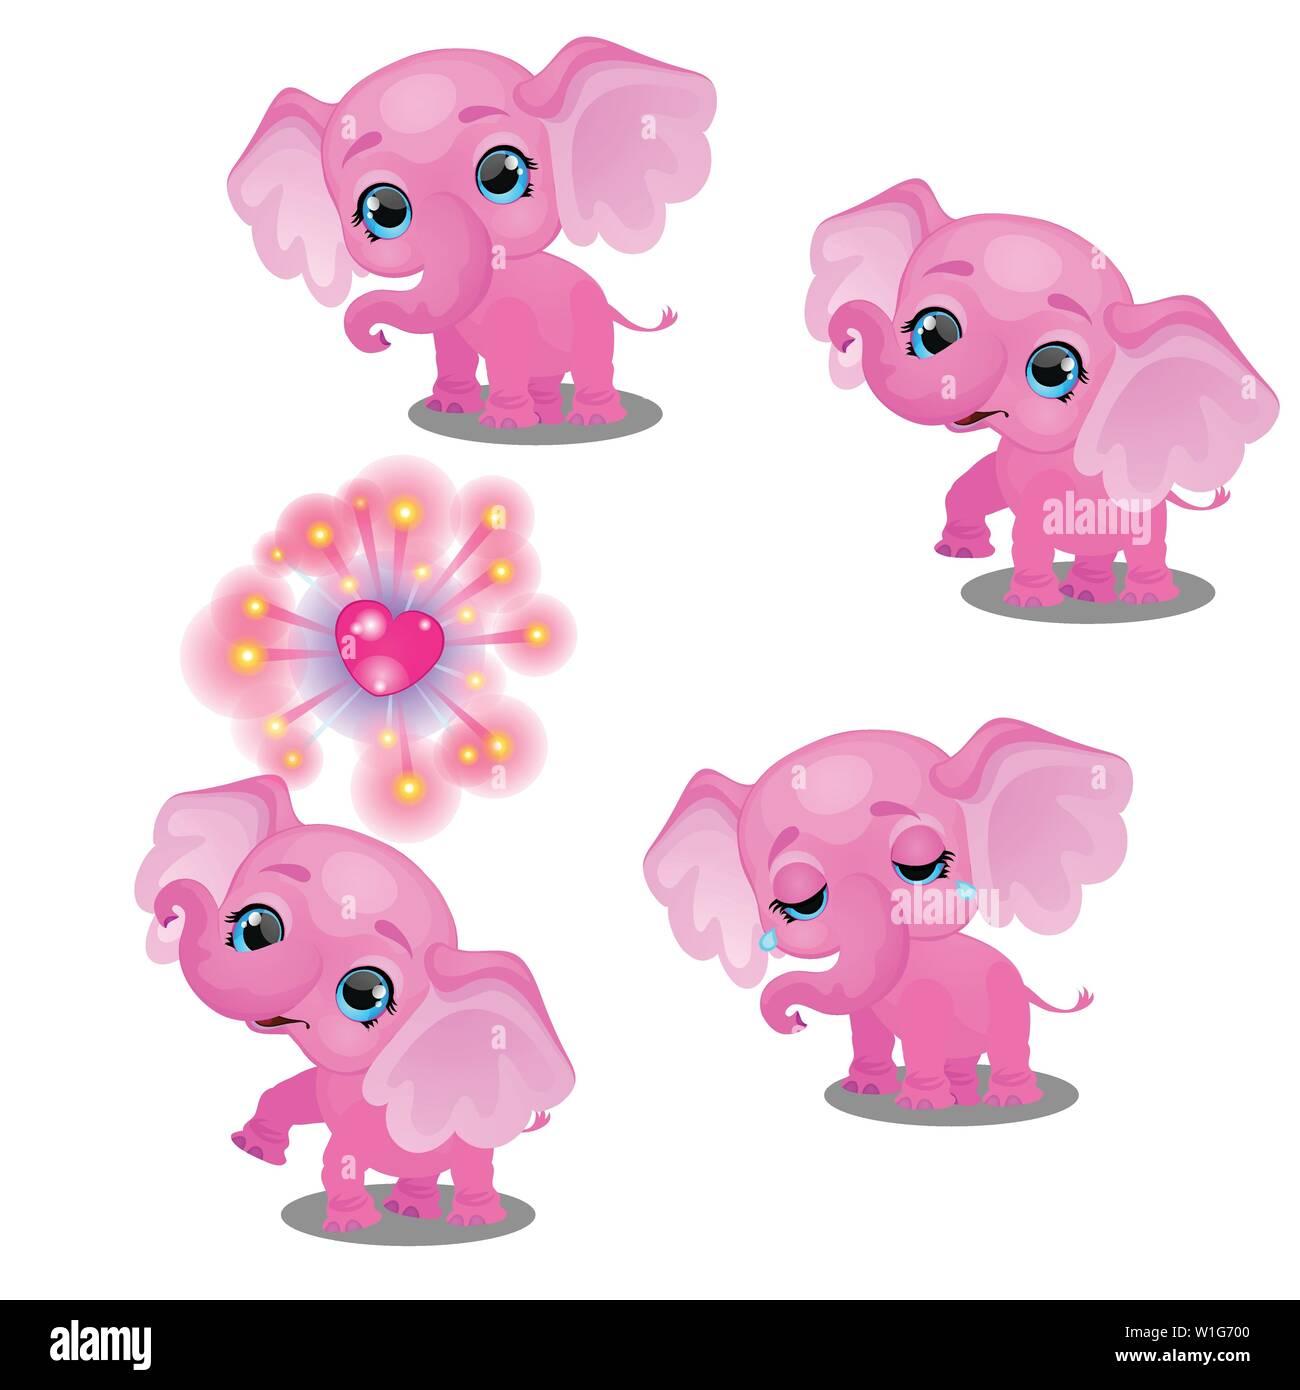 El Conjunto De Emociones Un Poco Animado Pink Elephant